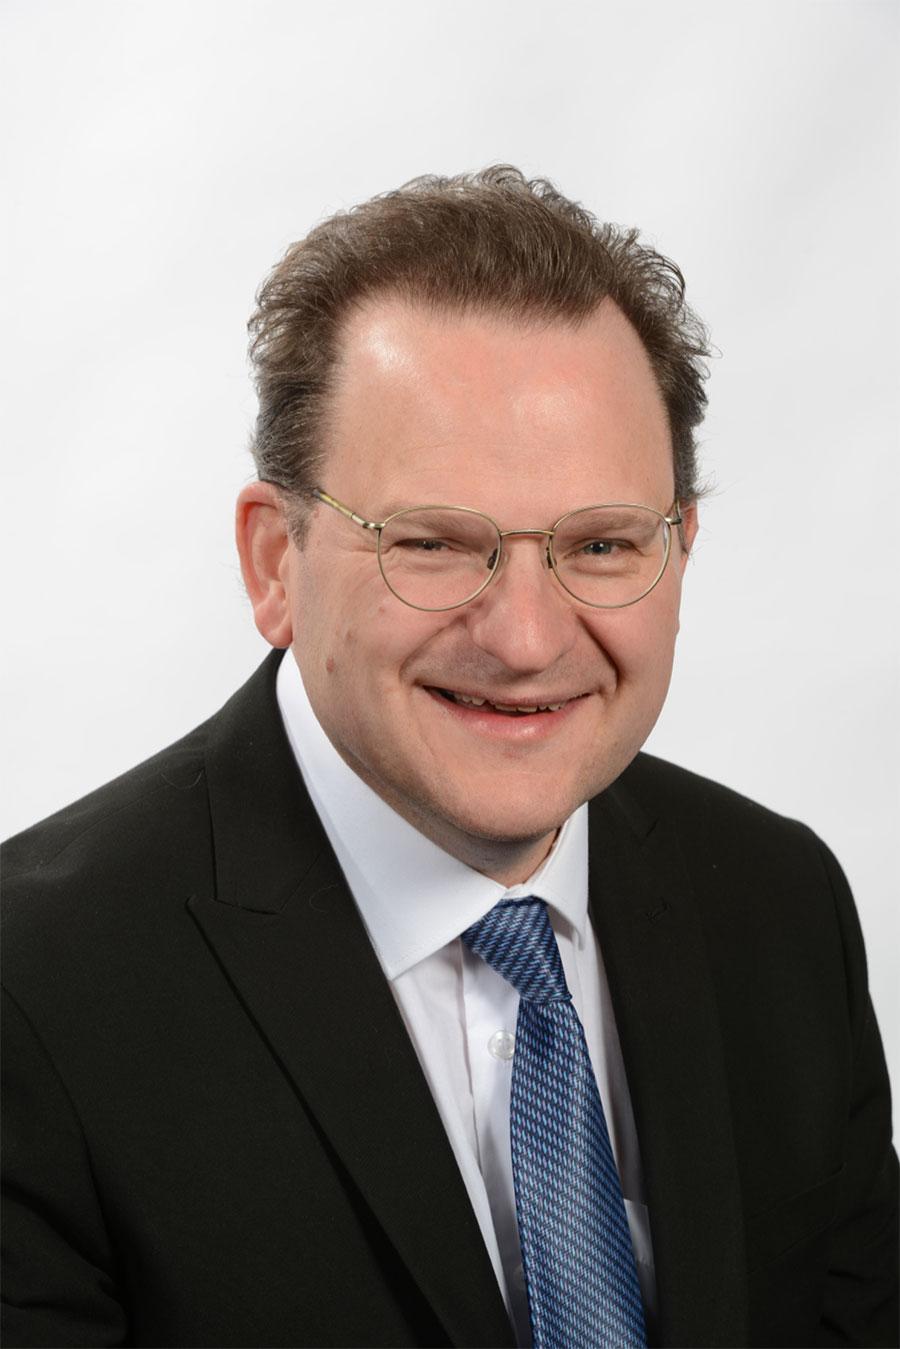 Ian Moxon